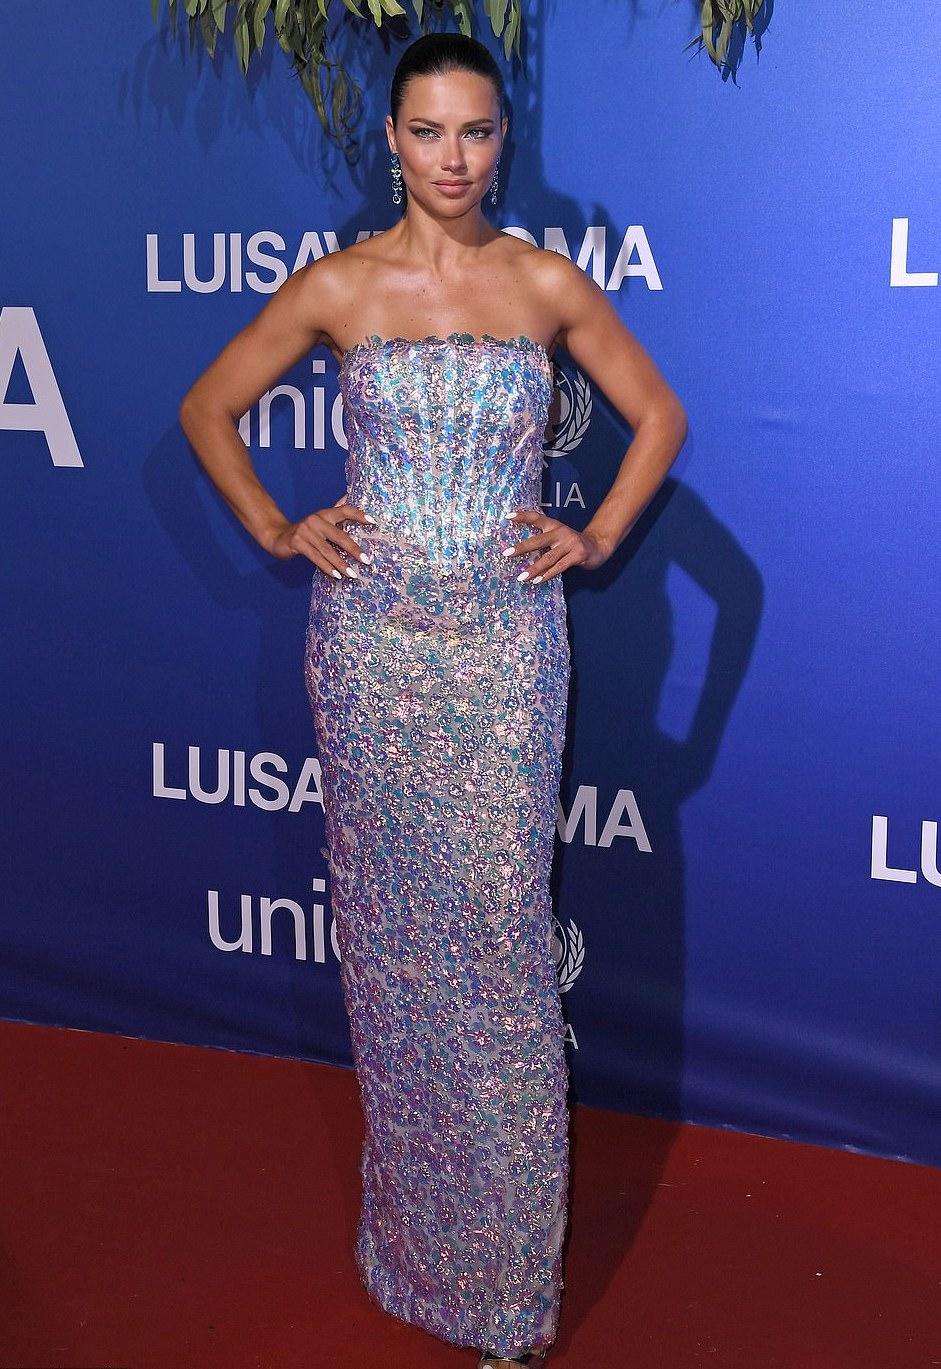 ادريانا ليما اختارت فستان براق باللون الأزرق من رامي قاضي